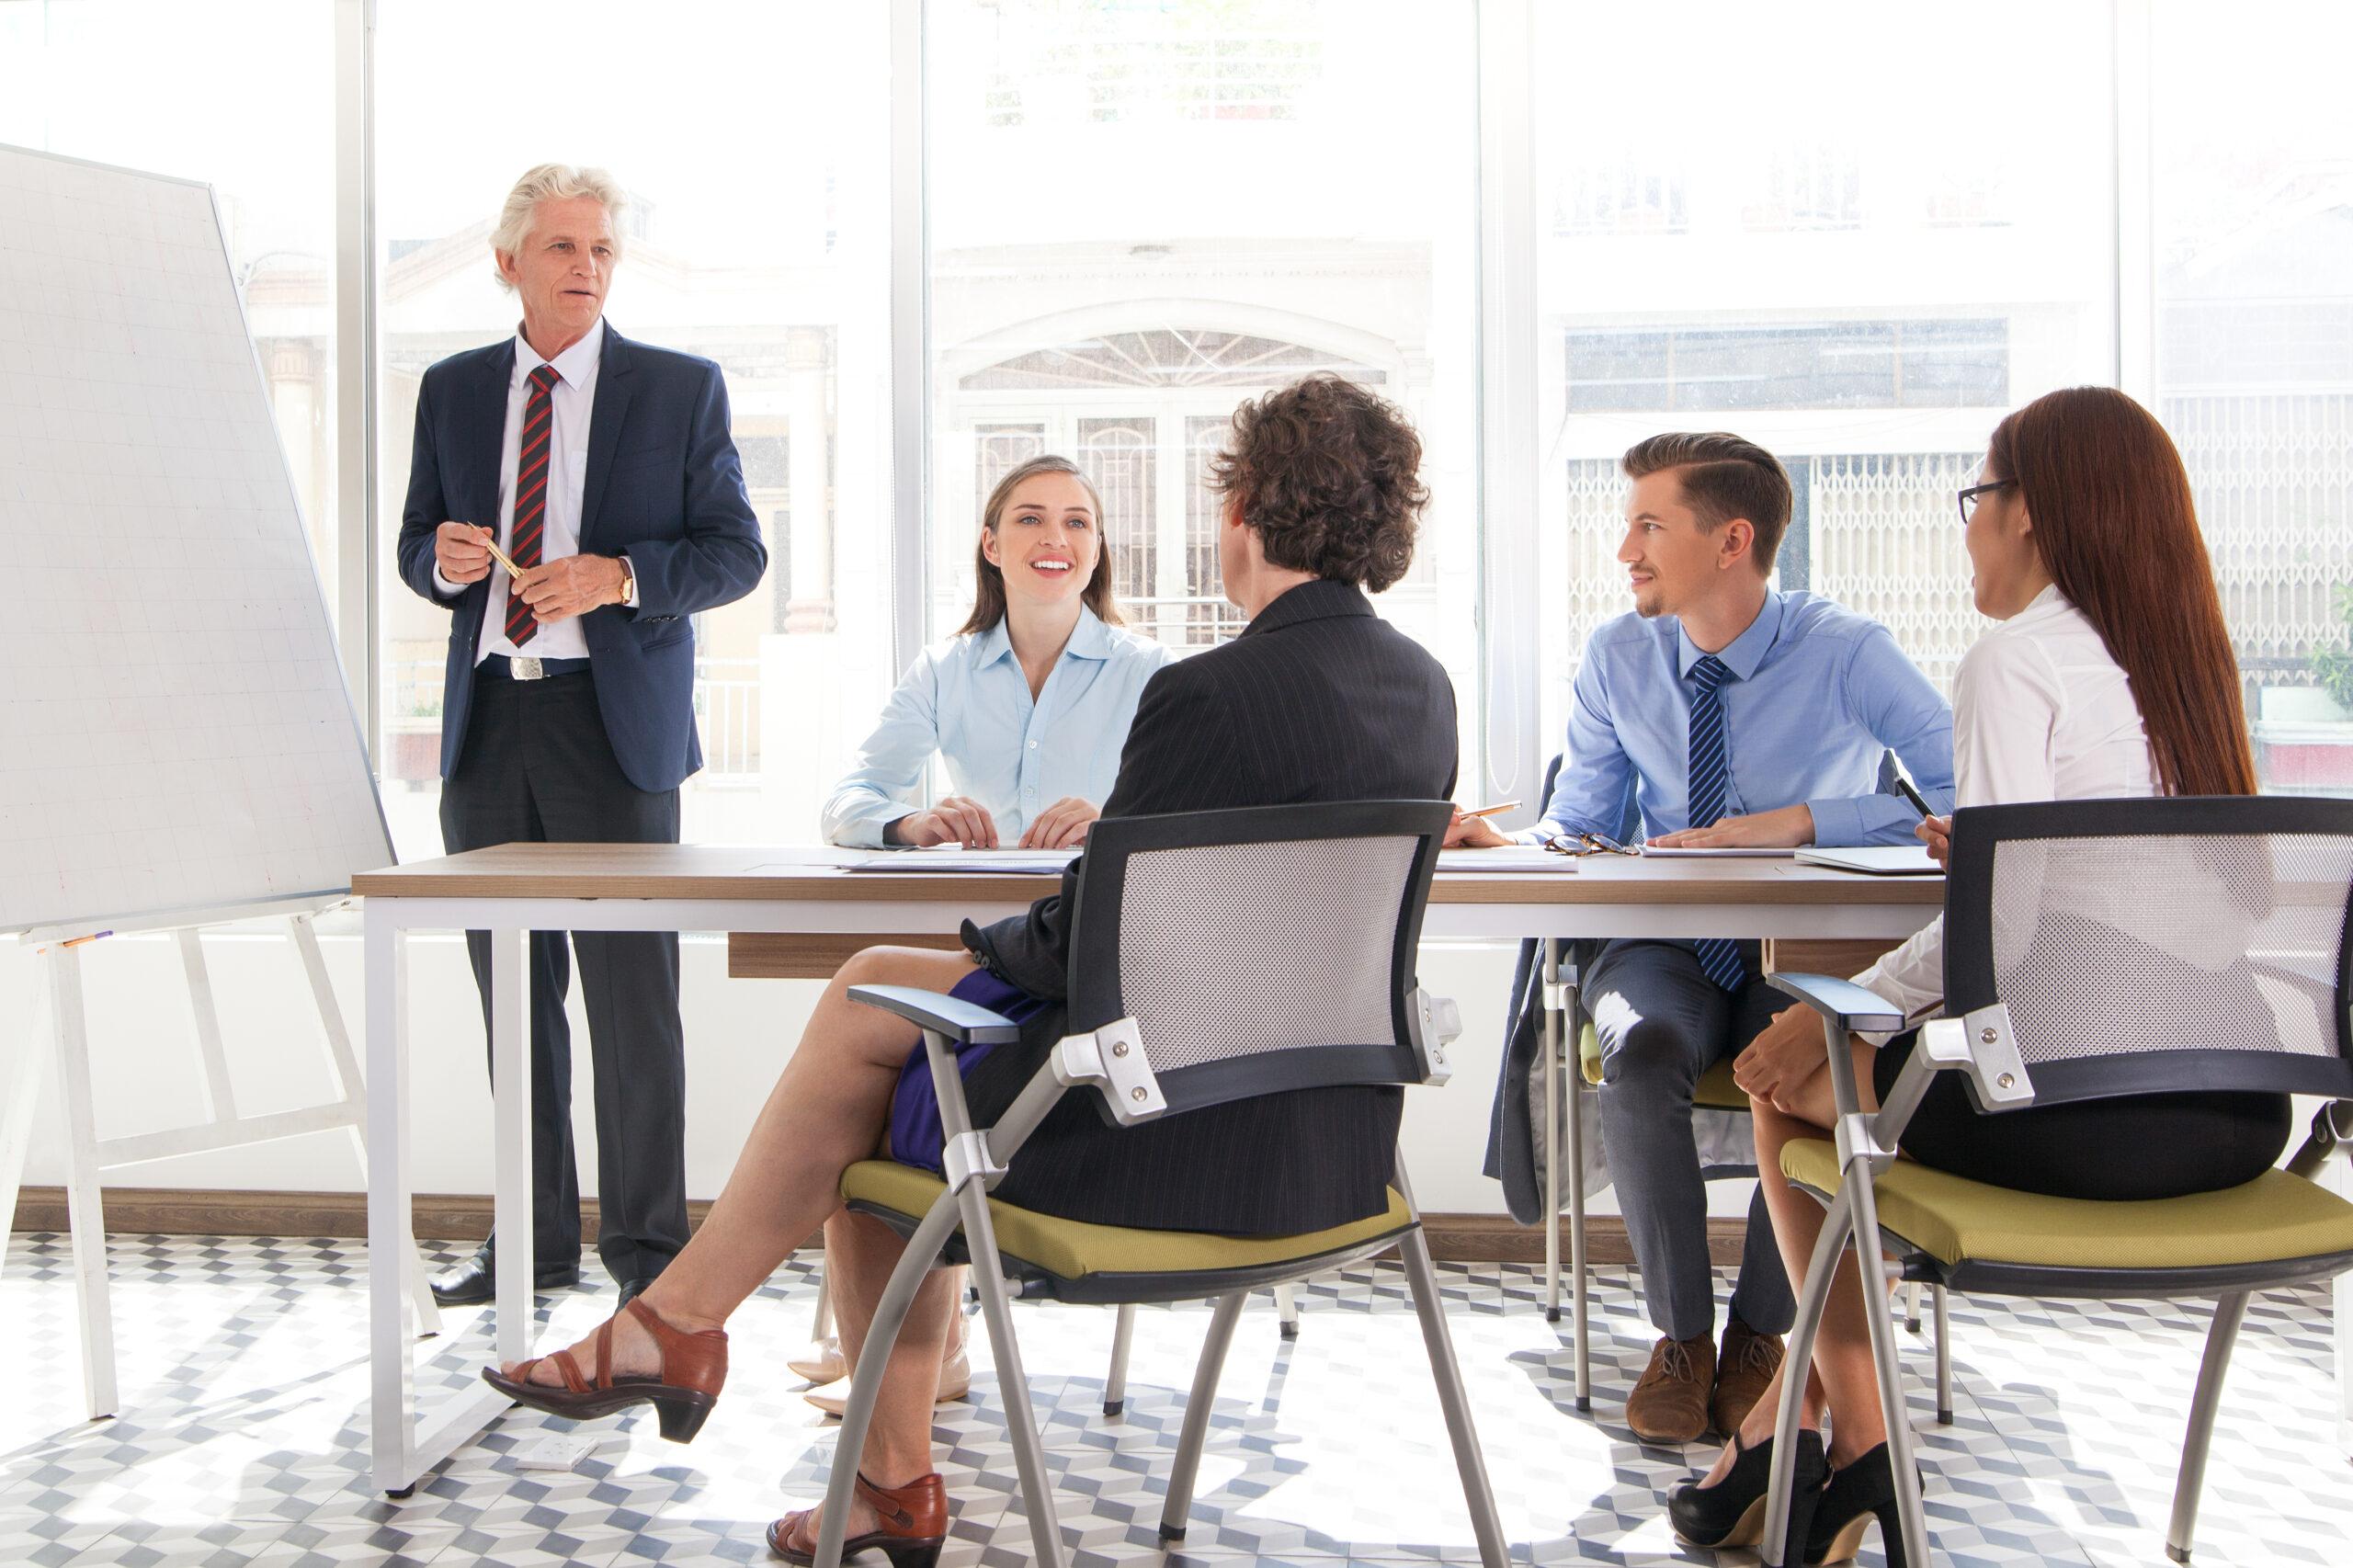 zespół projektowy planujący działania w biurze zarządzania projektami